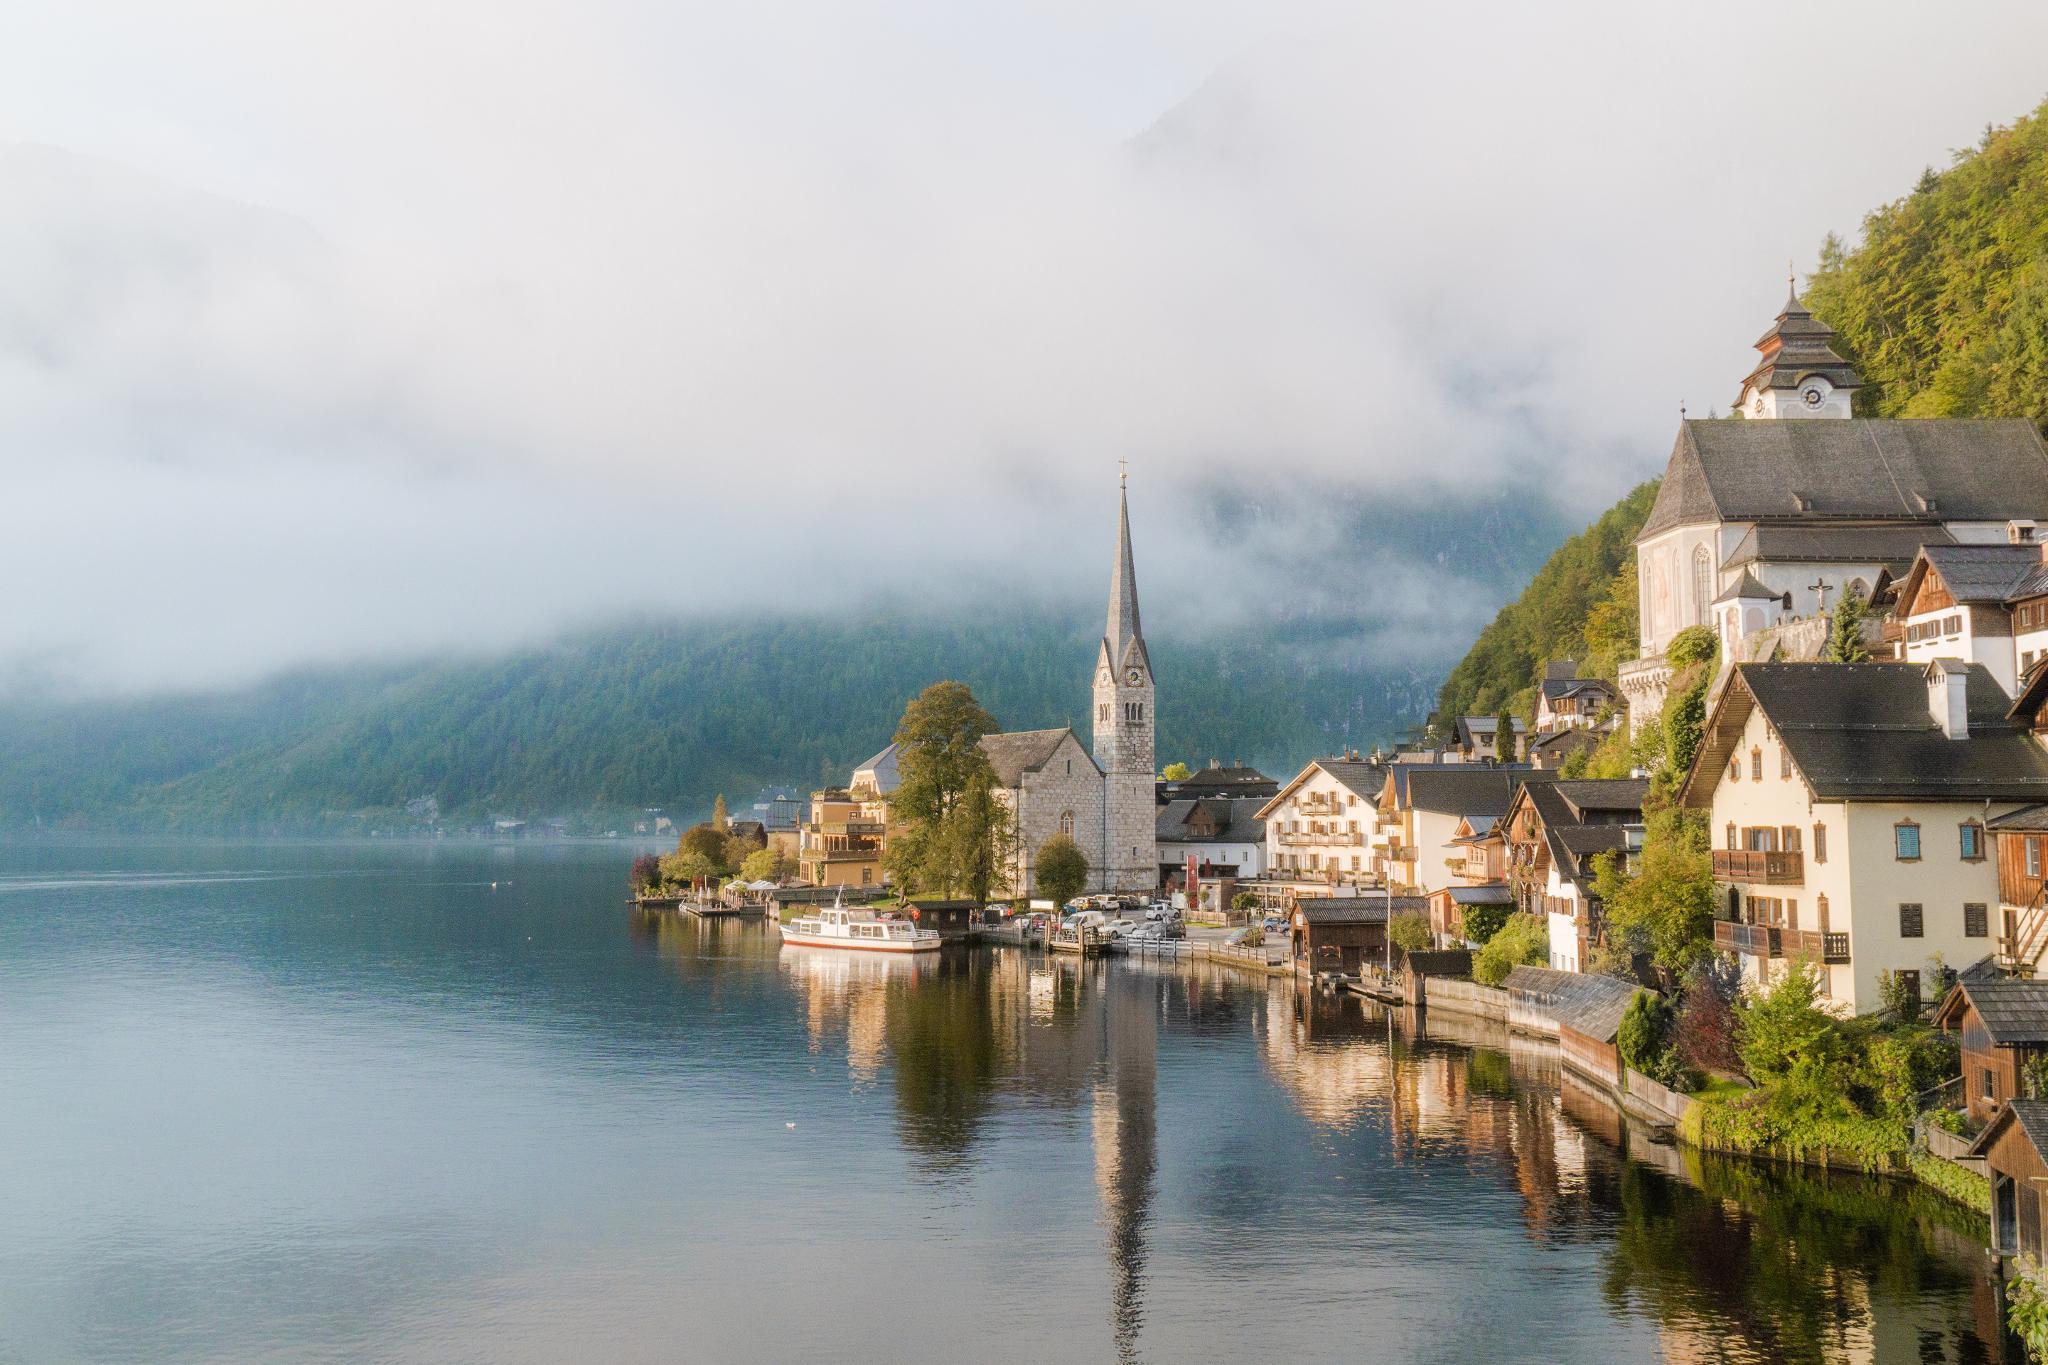 【奧地利】童話仙境 Hallstatt 哈修塔特 — 追逐世界遺產小鎮的夢幻黃金日出